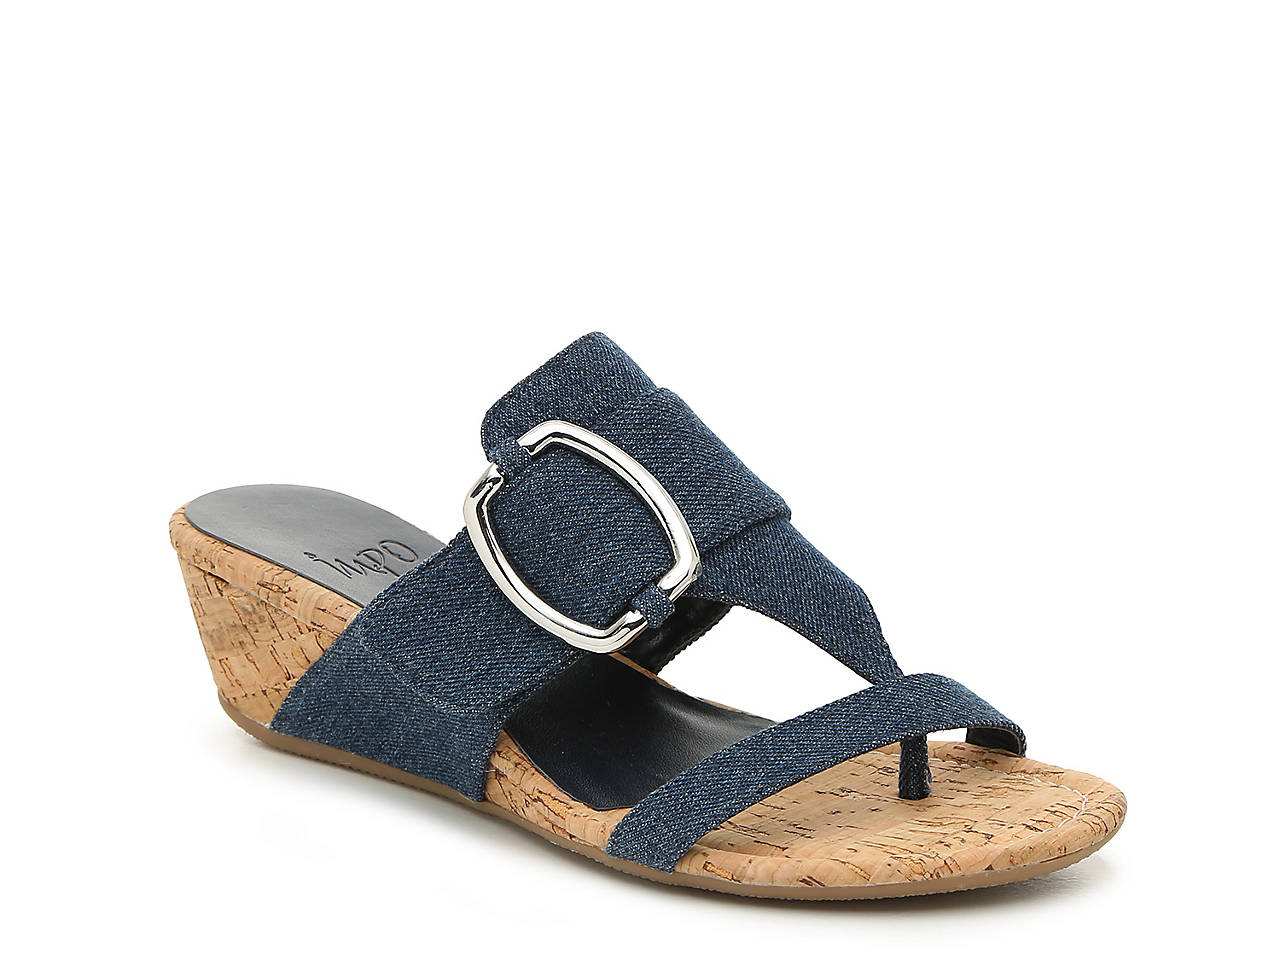 9be693e9503 Gaelle Wedge Sandal